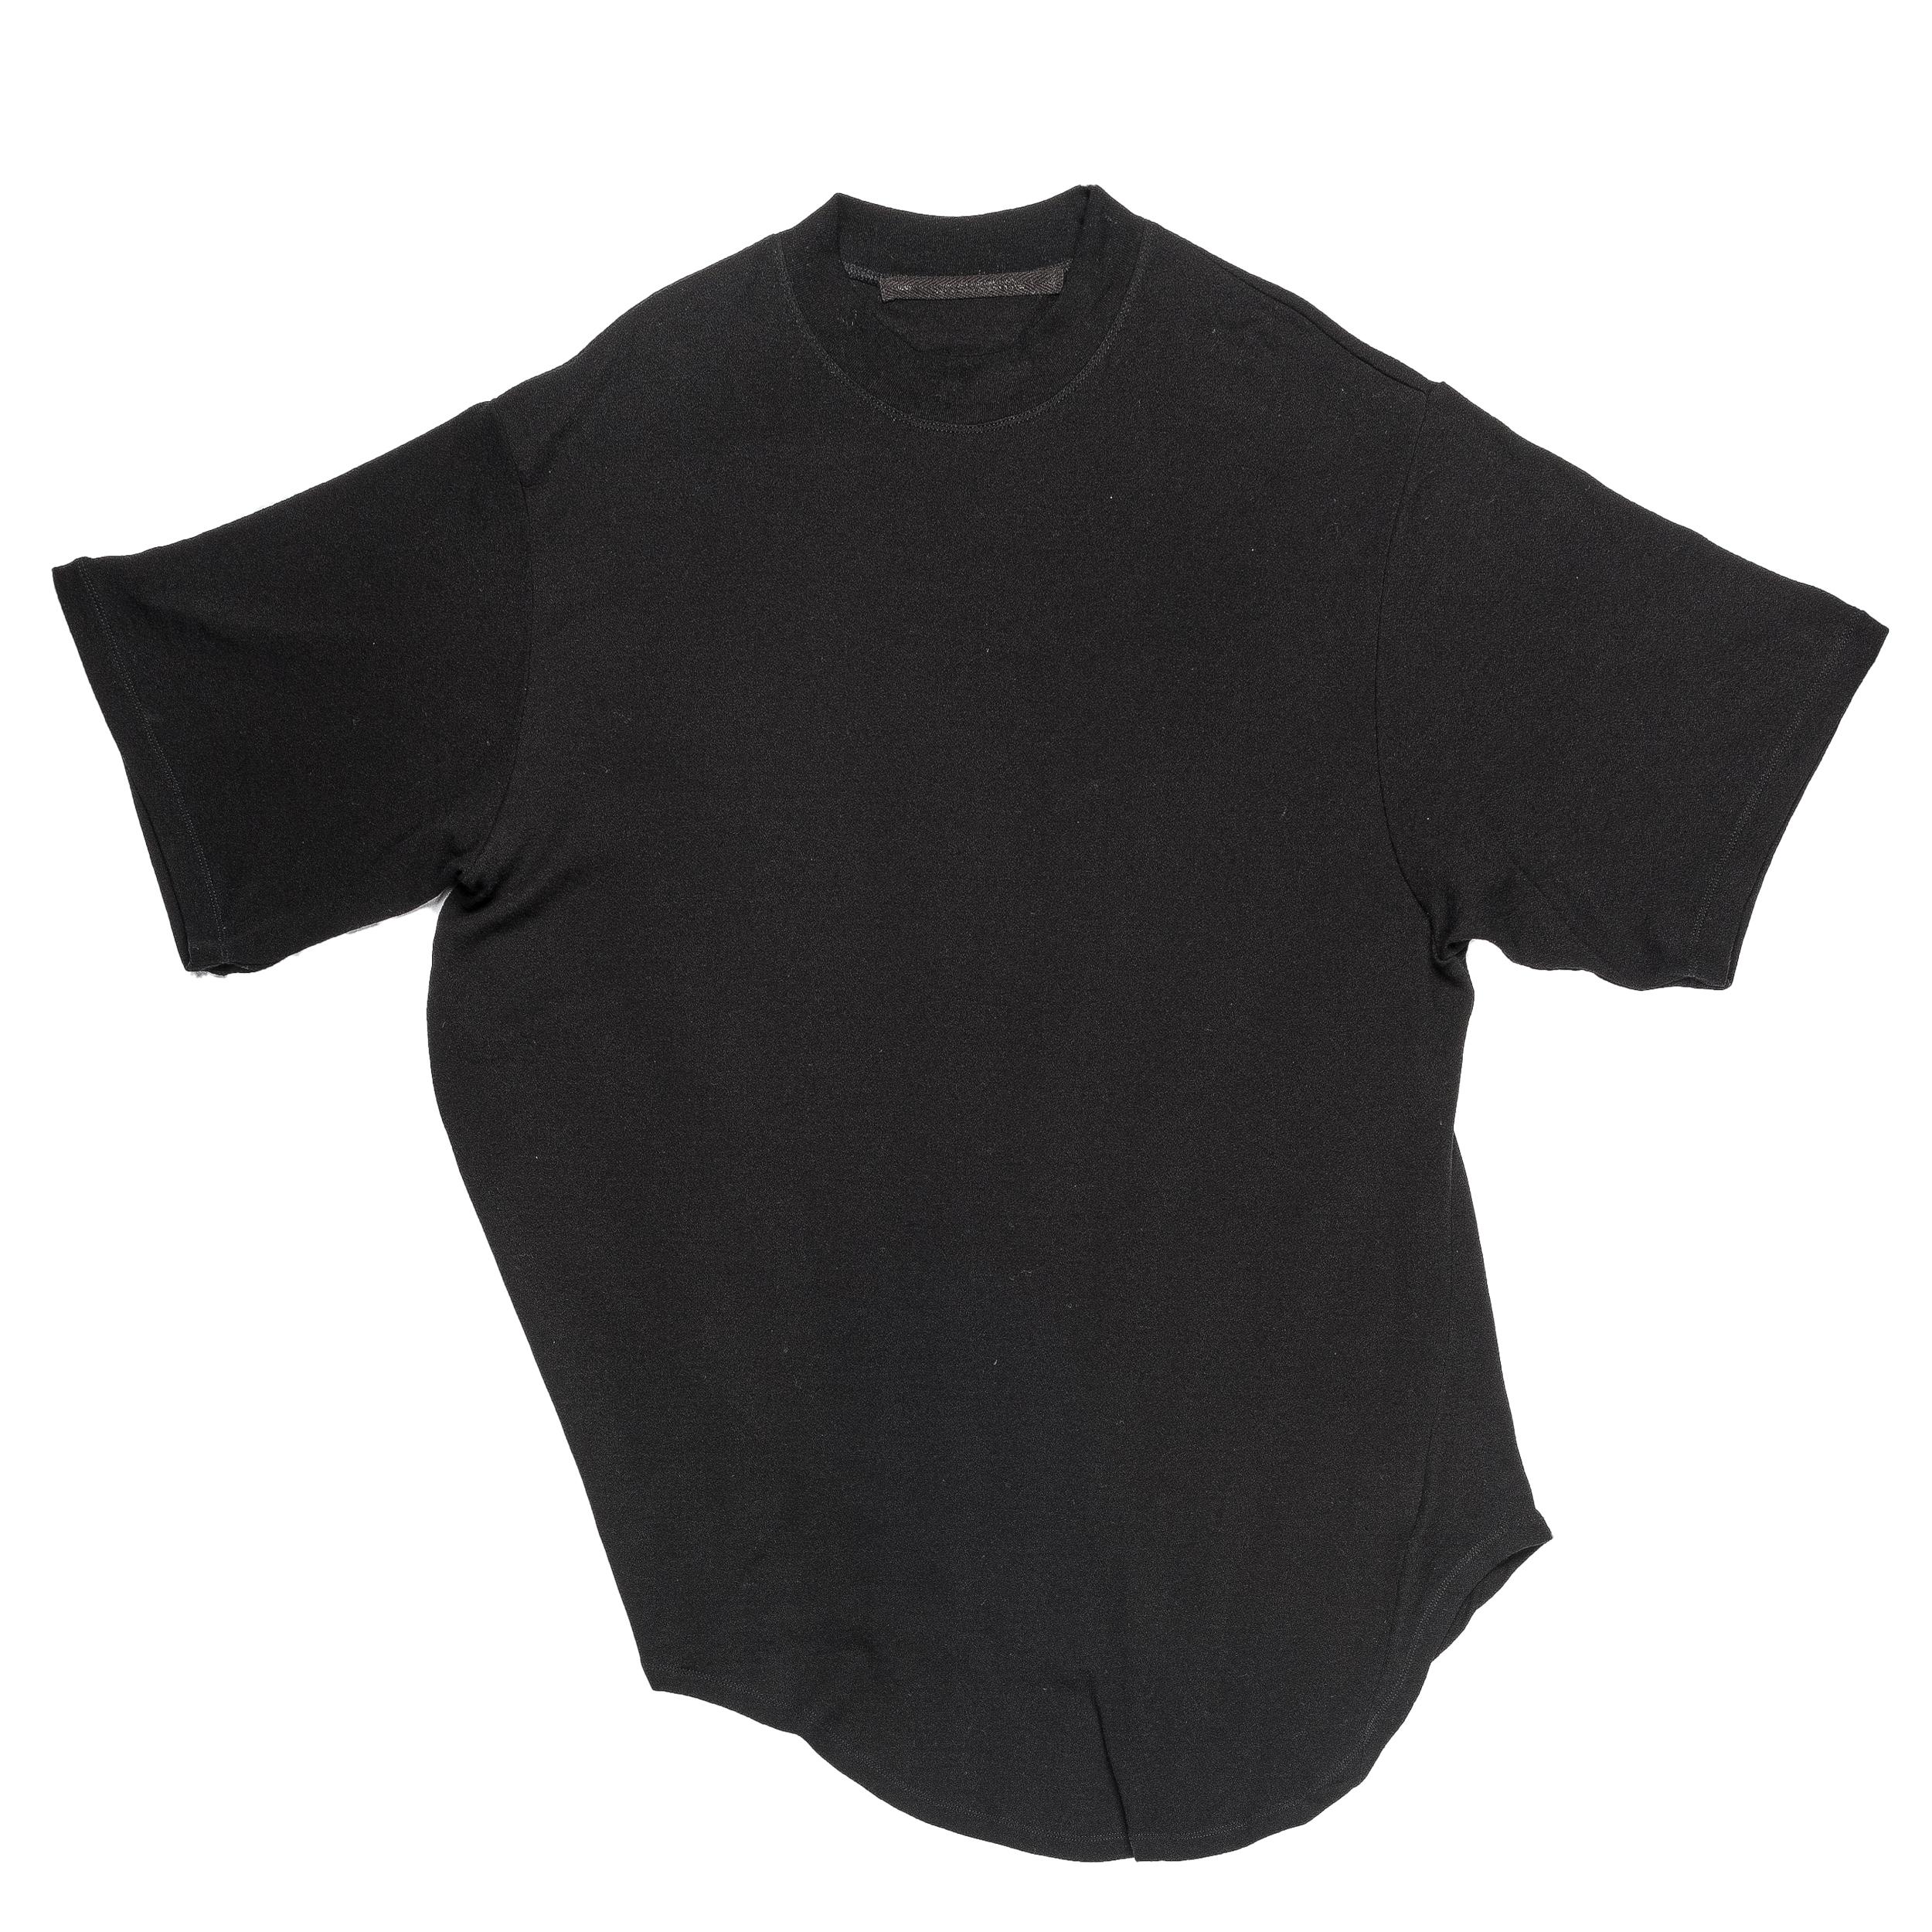 667CUM10-BLACK / ドレーピング Tシャツ